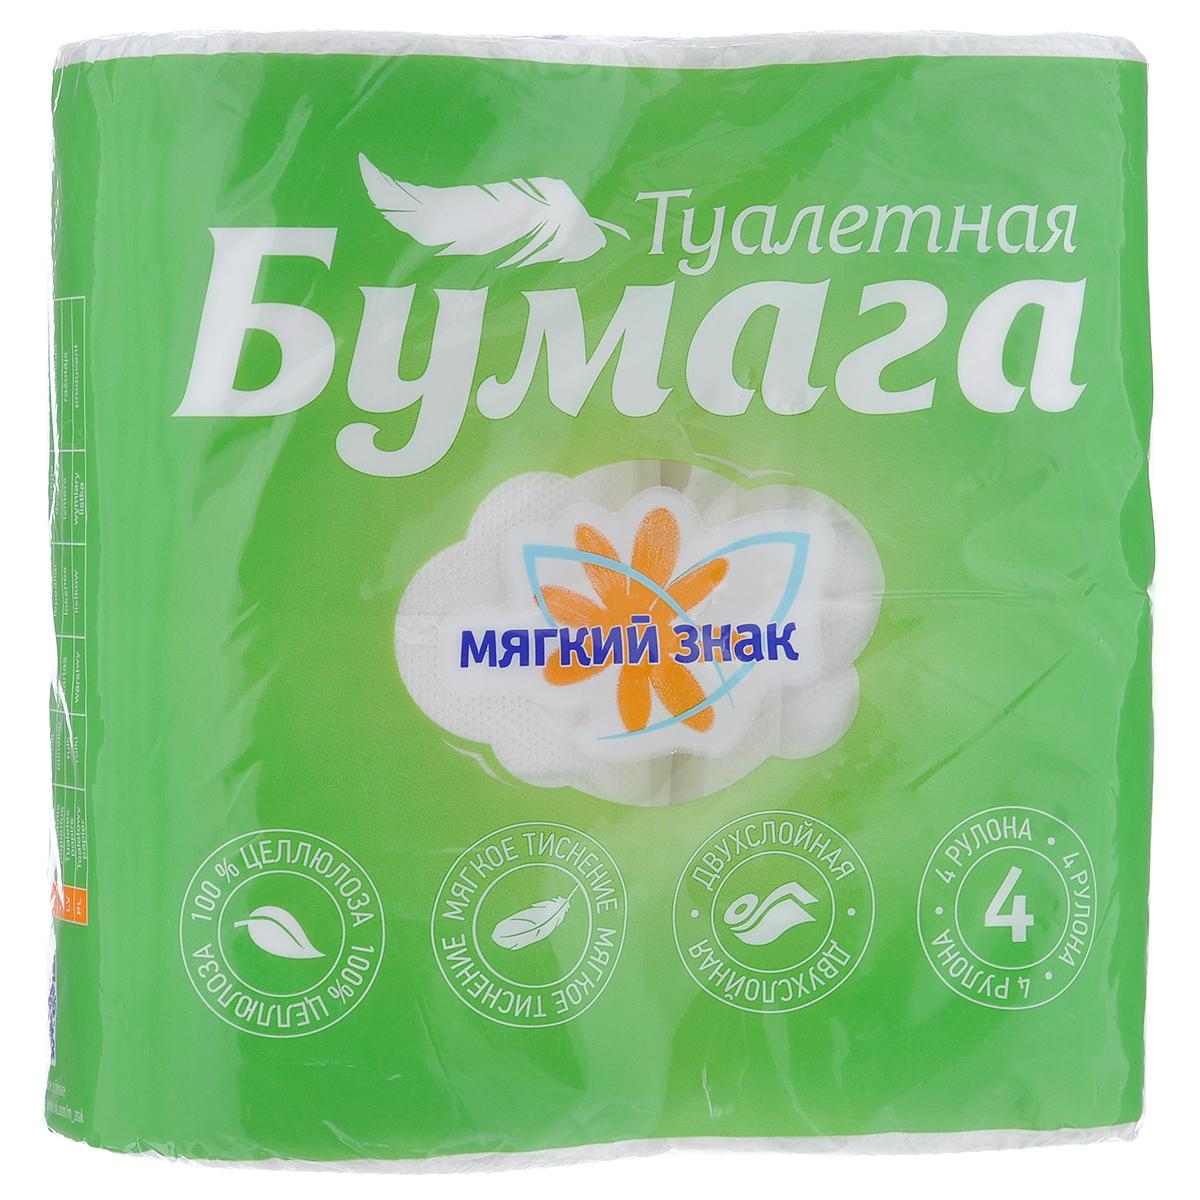 Туалетная бумага Мягкий знак, двухслойная, цвет: белый, 4 рулонаC0042416Туалетная бумага Мягкий знак, выполненная из натуральной целлюлозы, обеспечивает превосходный комфорт и ощущение чистоты и свежести. Необыкновенно мягкая, но в тоже время прочная, бумага не расслаивается и отрывается строго по линии перфорации. Двухслойные листы имеют рисунок с перфорацией.Количество листов: 150 шт. Количество слоев: 2. Размер листа: 12,5 см х 9,6 см. Состав: 100% целлюлоза.